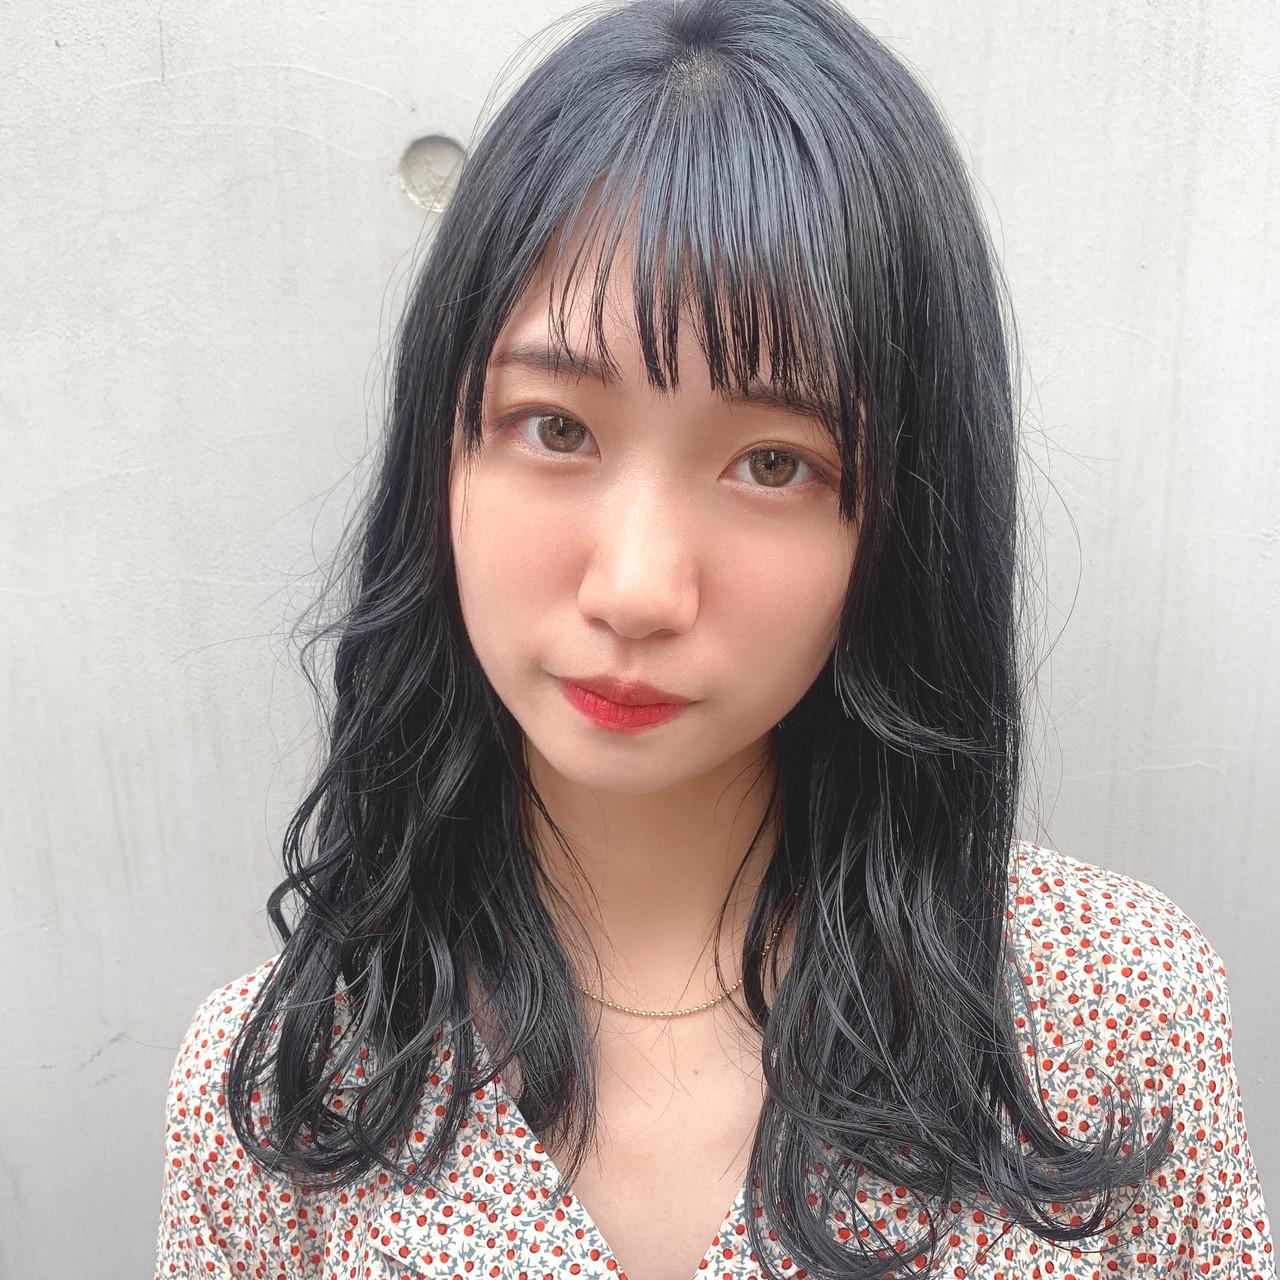 透明感カラー フェミニン 大人可愛い 黒髪 ヘアスタイルや髪型の写真・画像